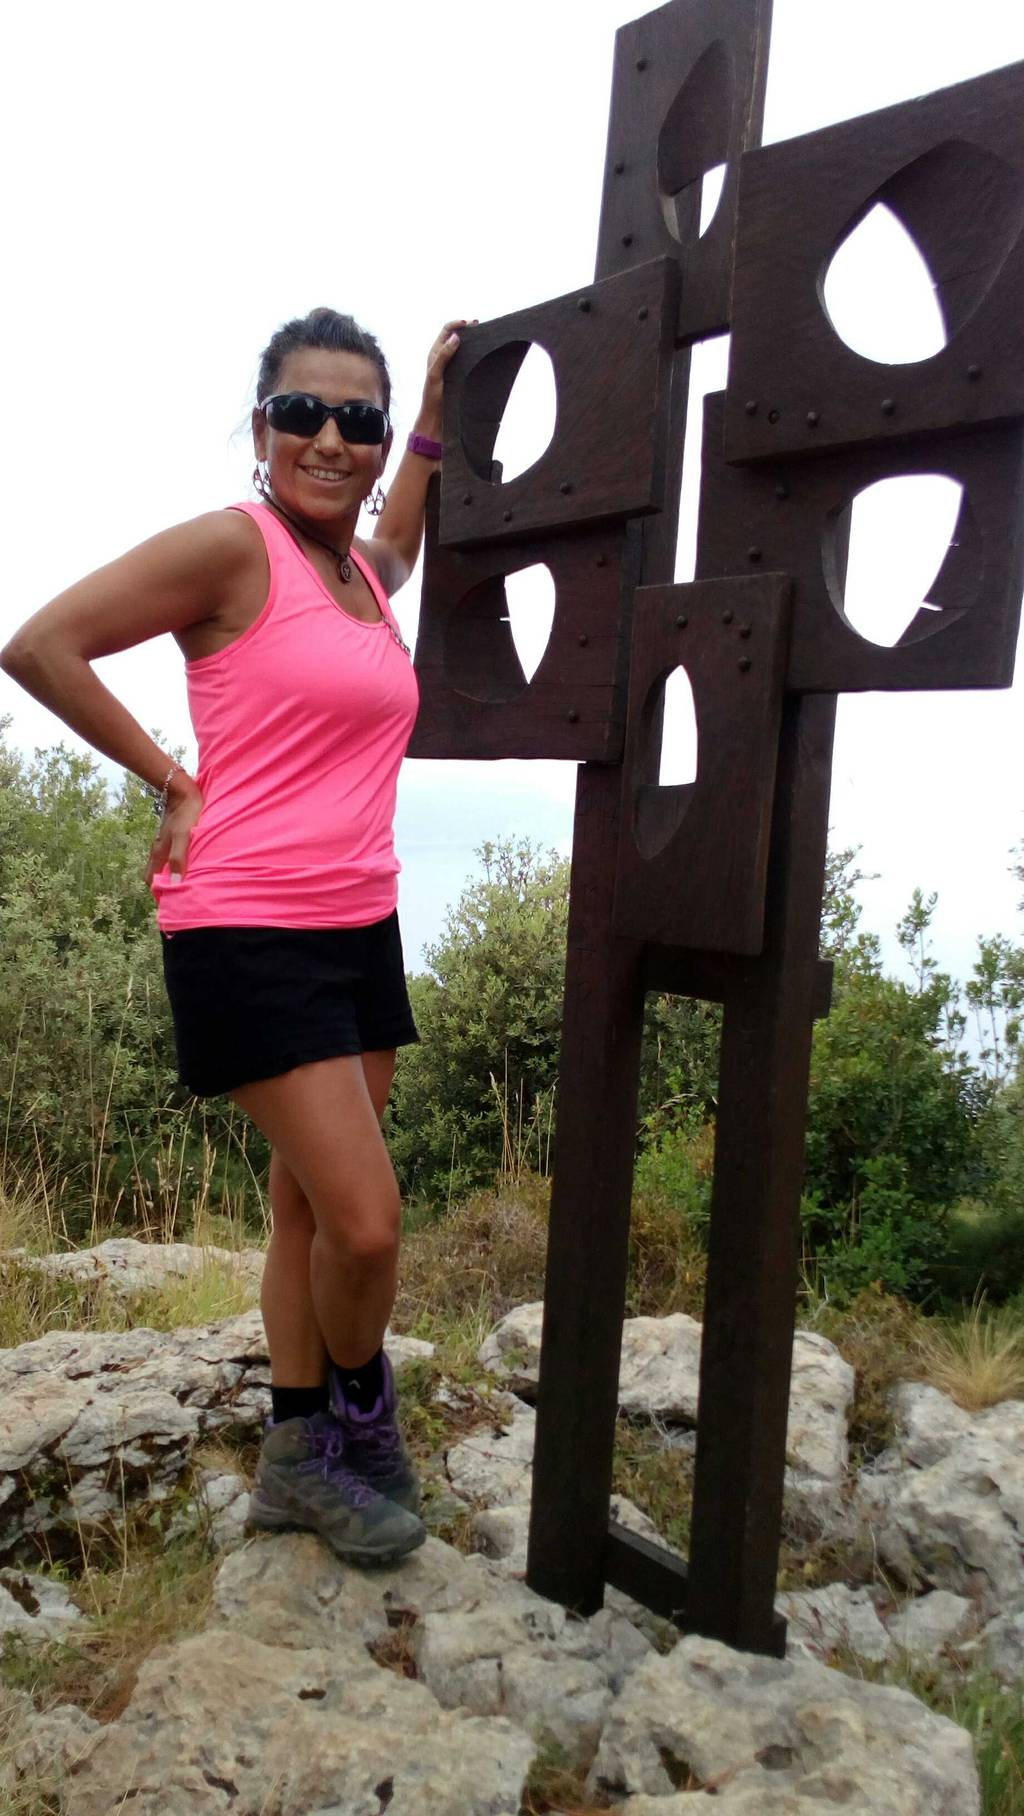 Eneko Romero erabiltzailea Otoio puntan, 2019-07-25 13:44